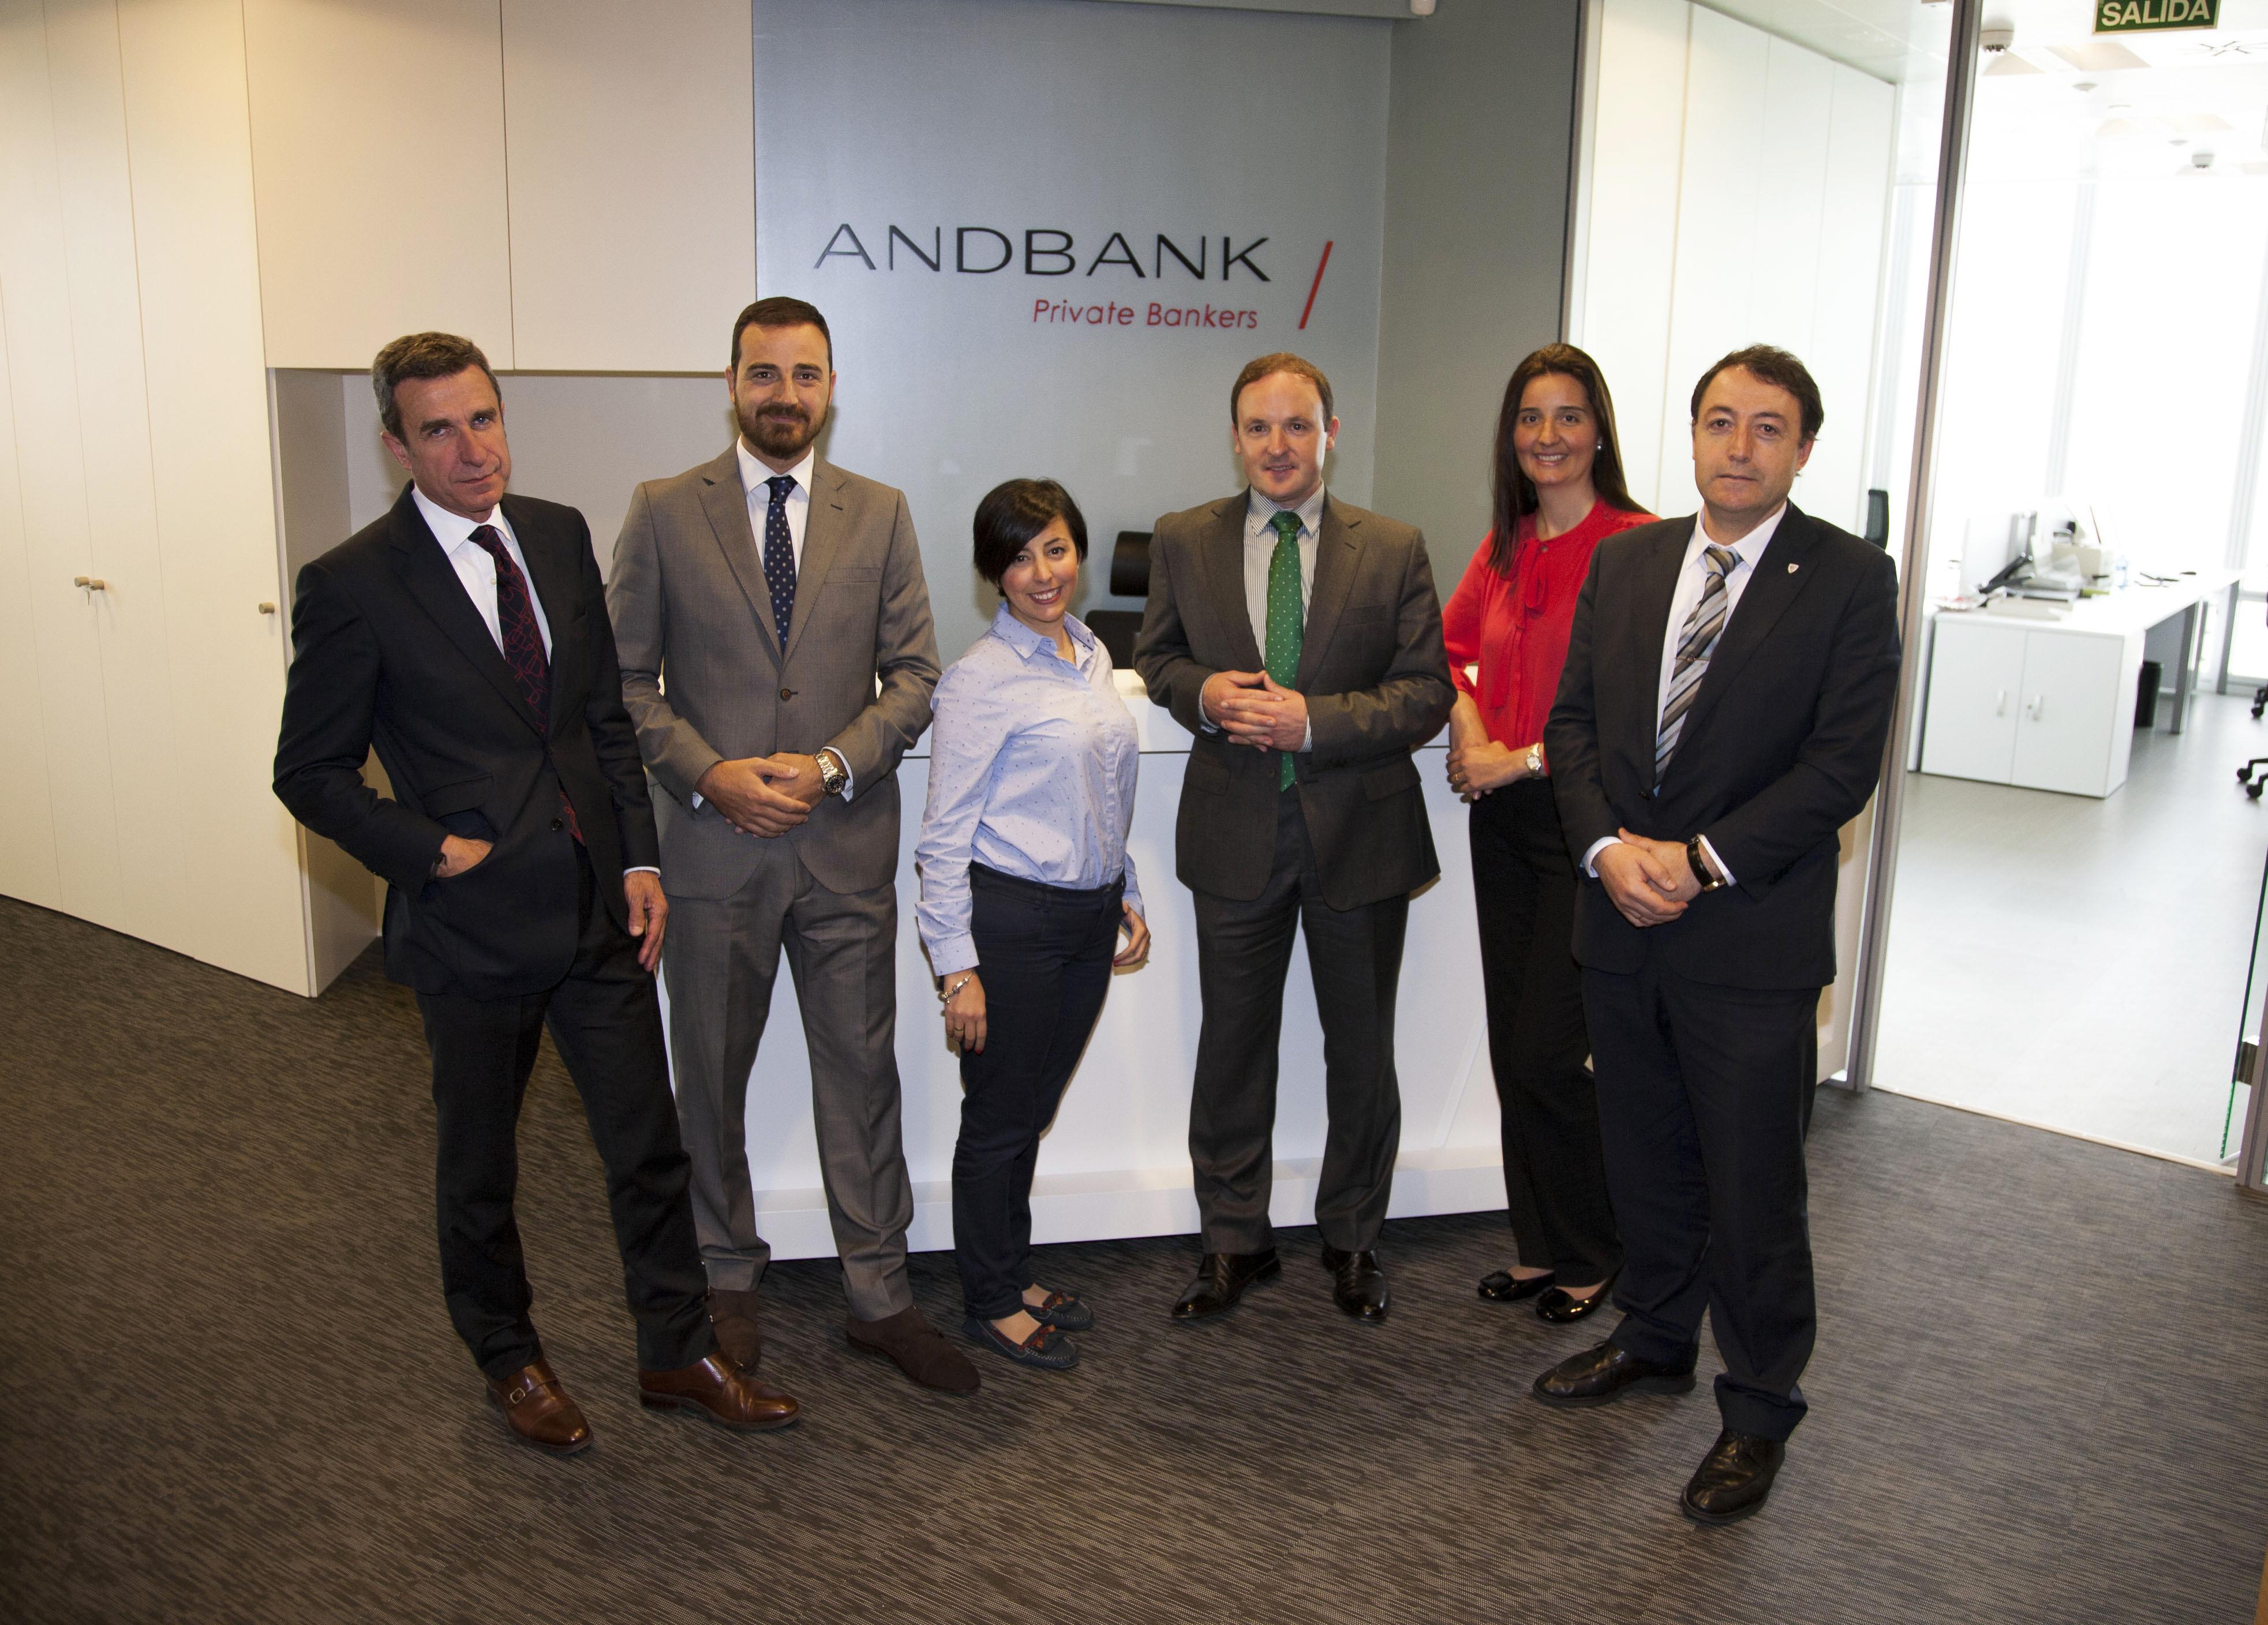 Andbank traslada su oficina de Bilbao a la Torre Iberdrola para reforzar su presencia